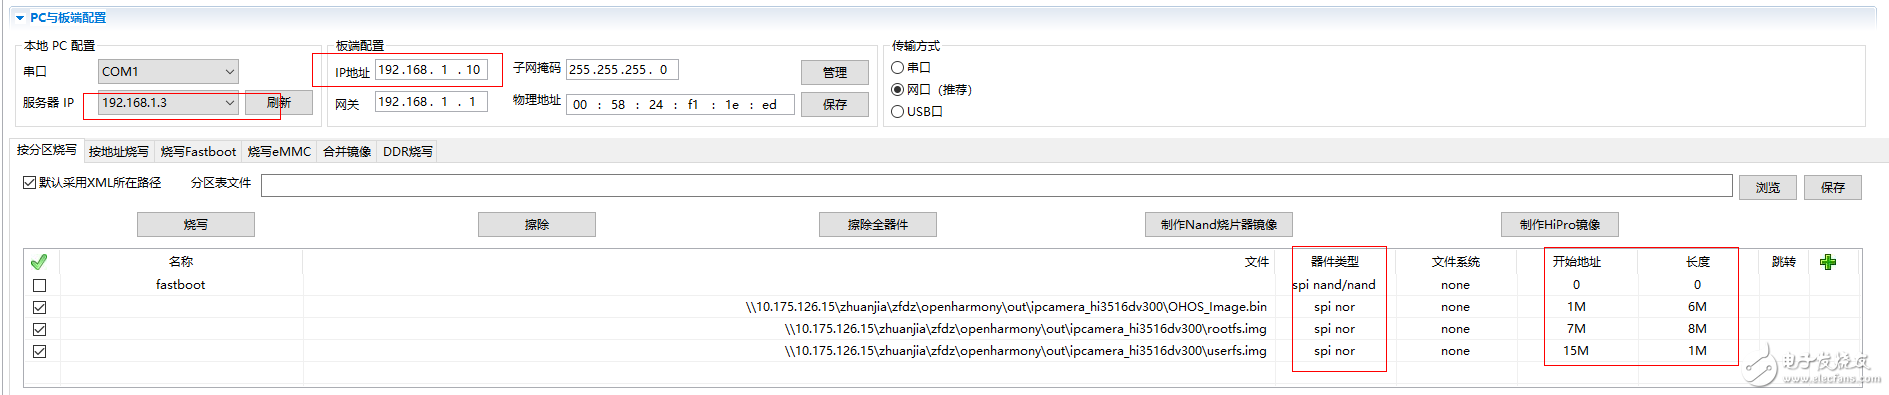 如何在Linux环境下在Hi3516DV300开发板搭载鸿蒙OS实现一个简单的Helloworld程序